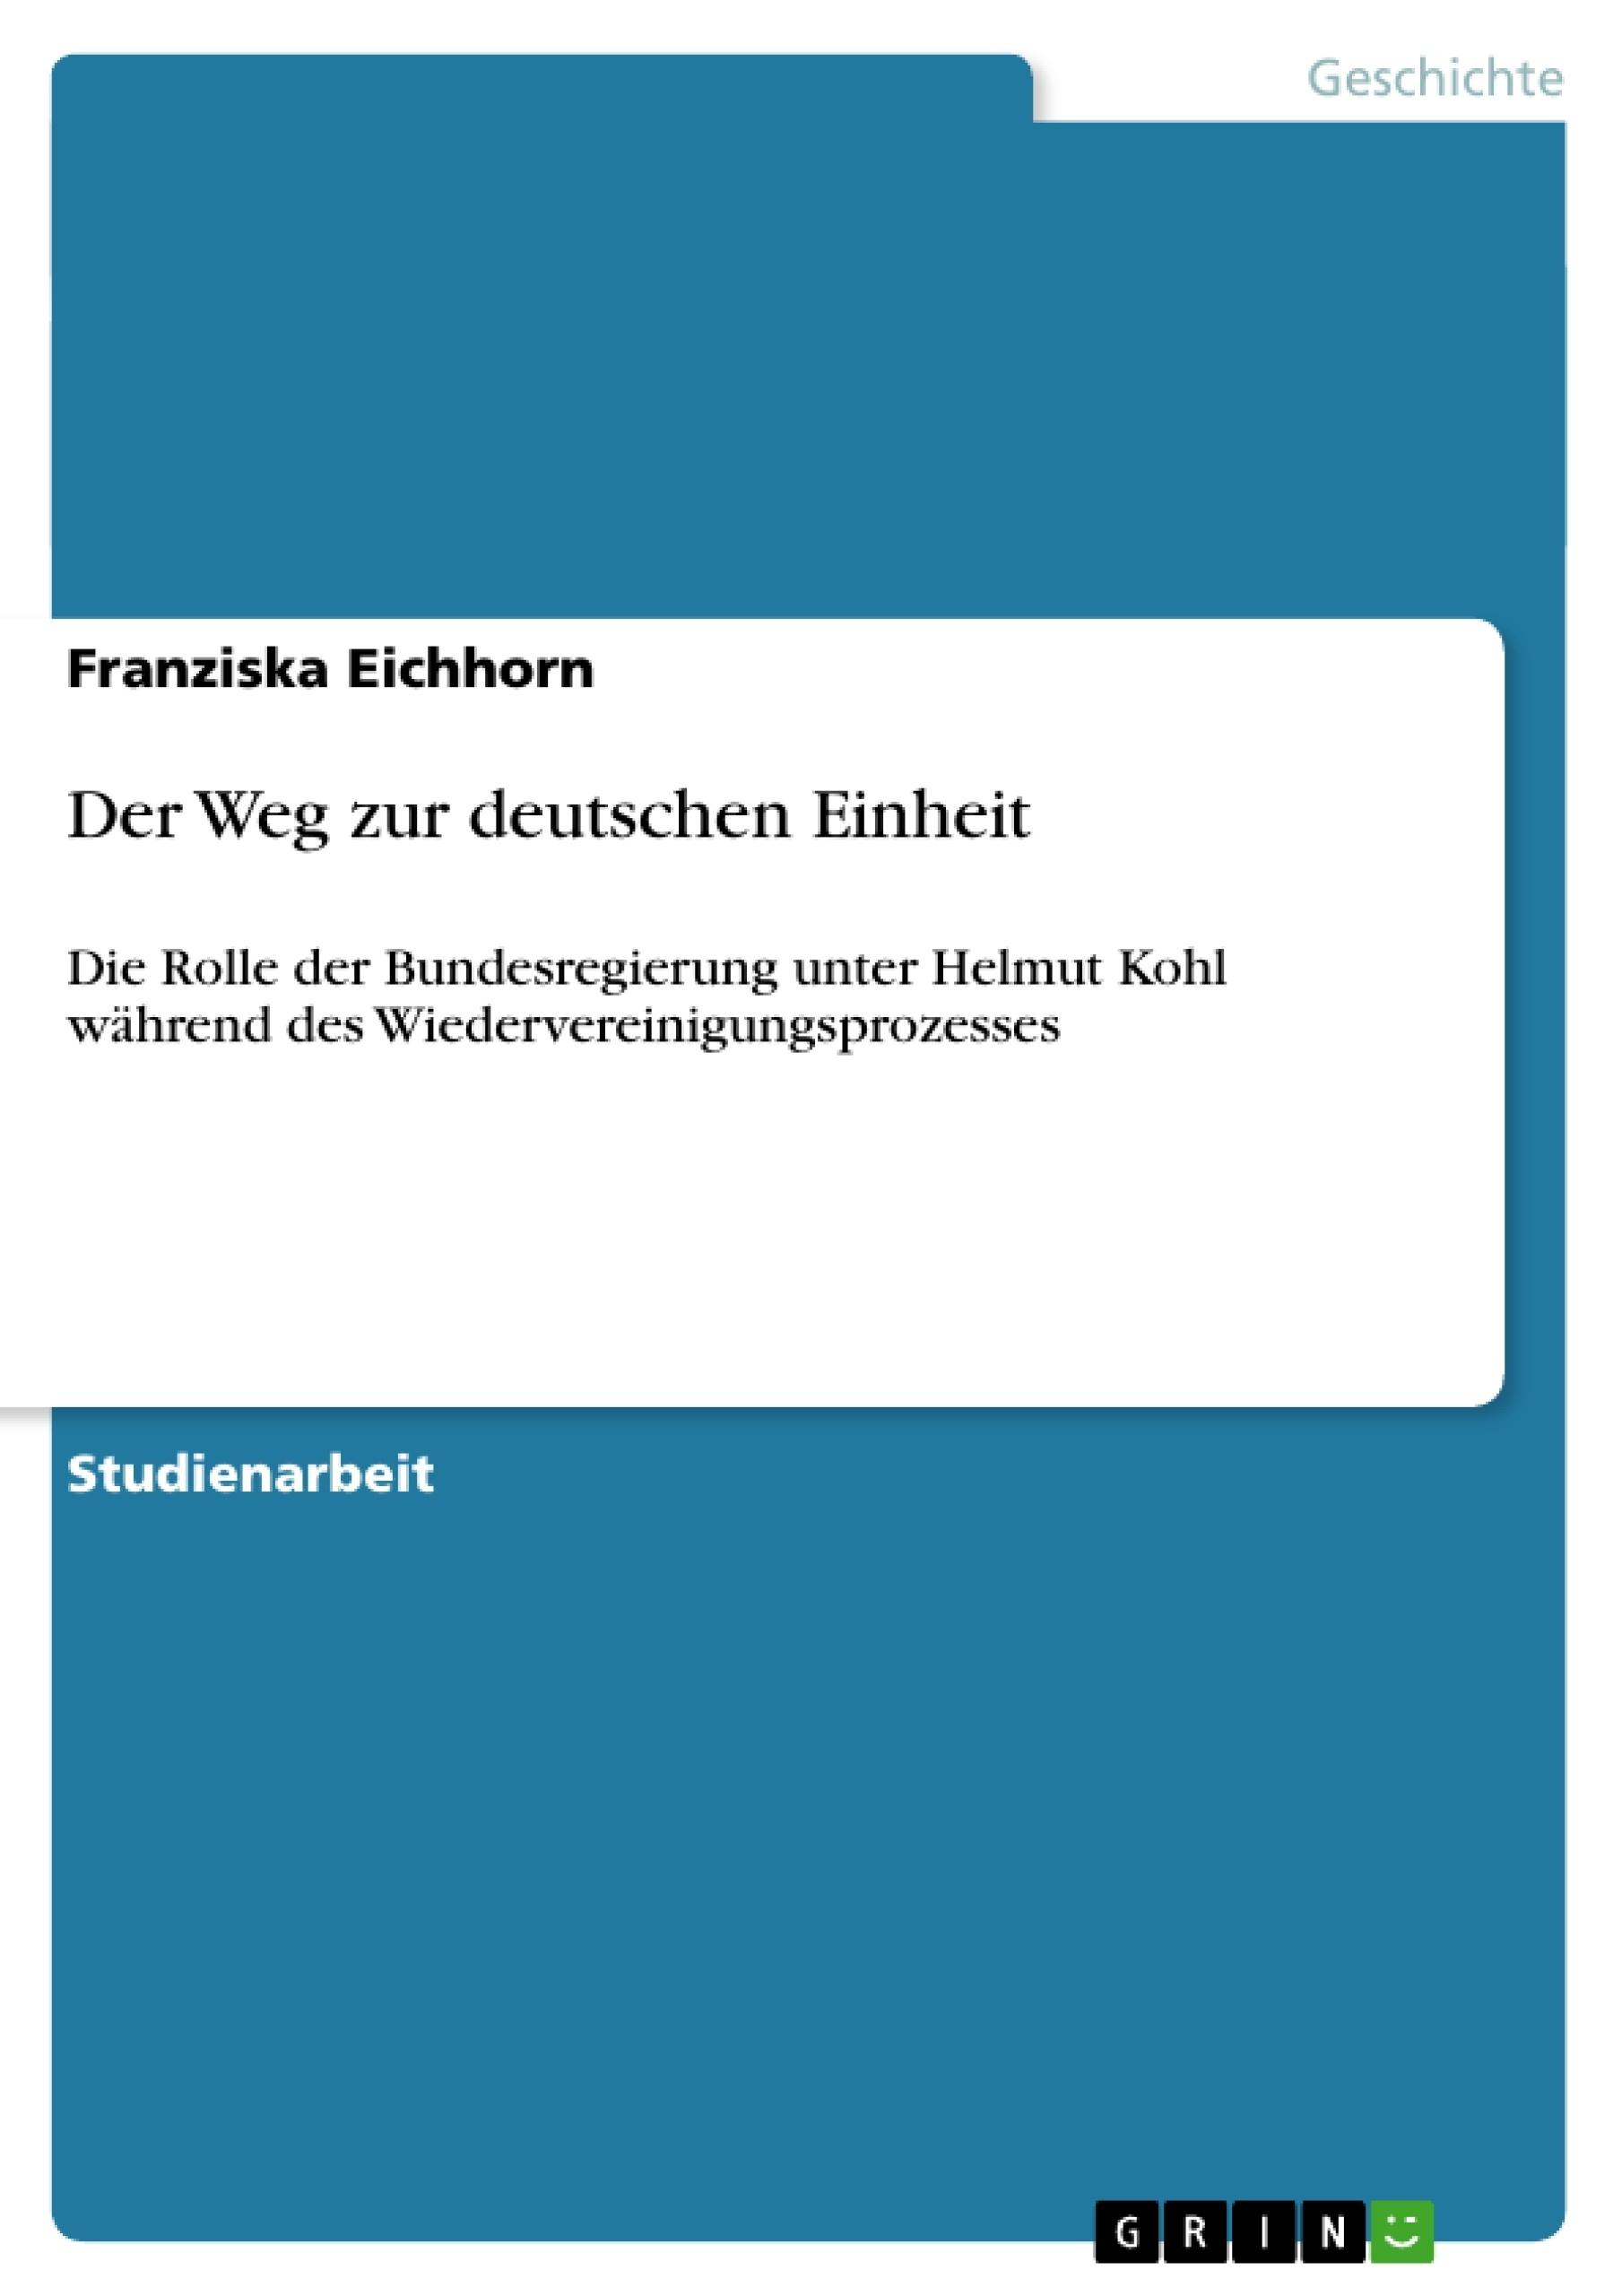 Titel: Der Weg zur deutschen Einheit